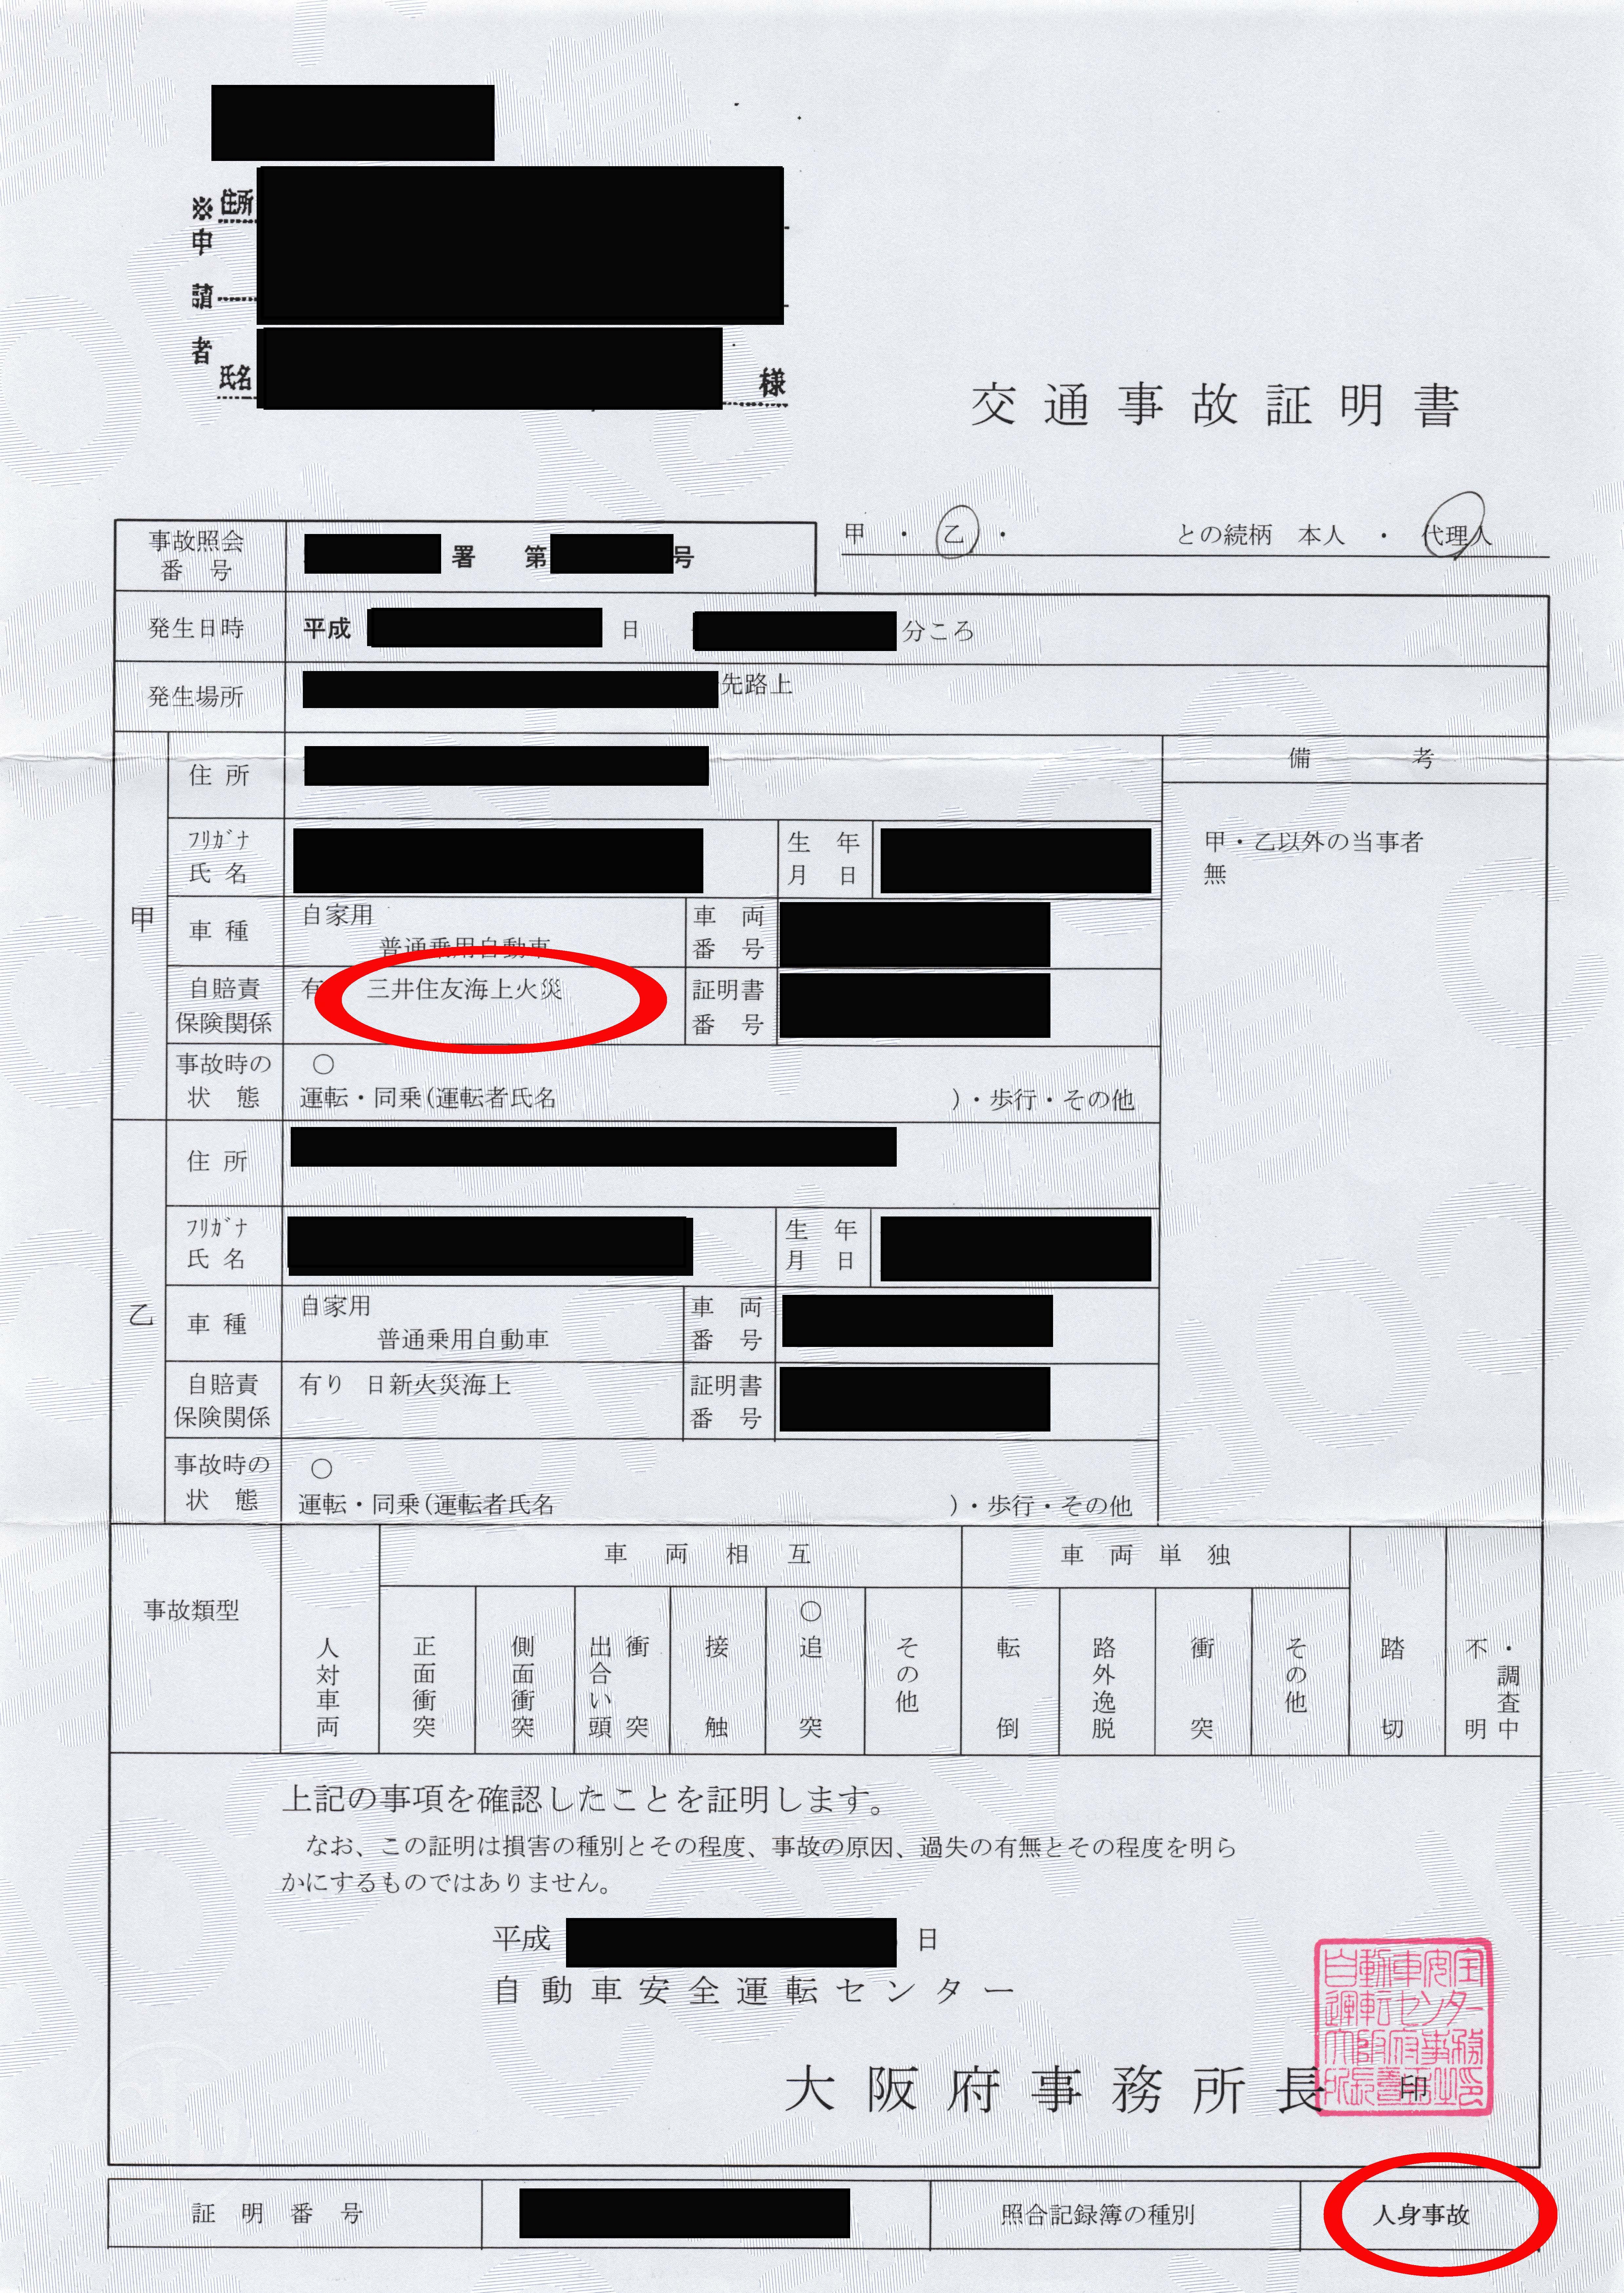 交通事故証明書の画像